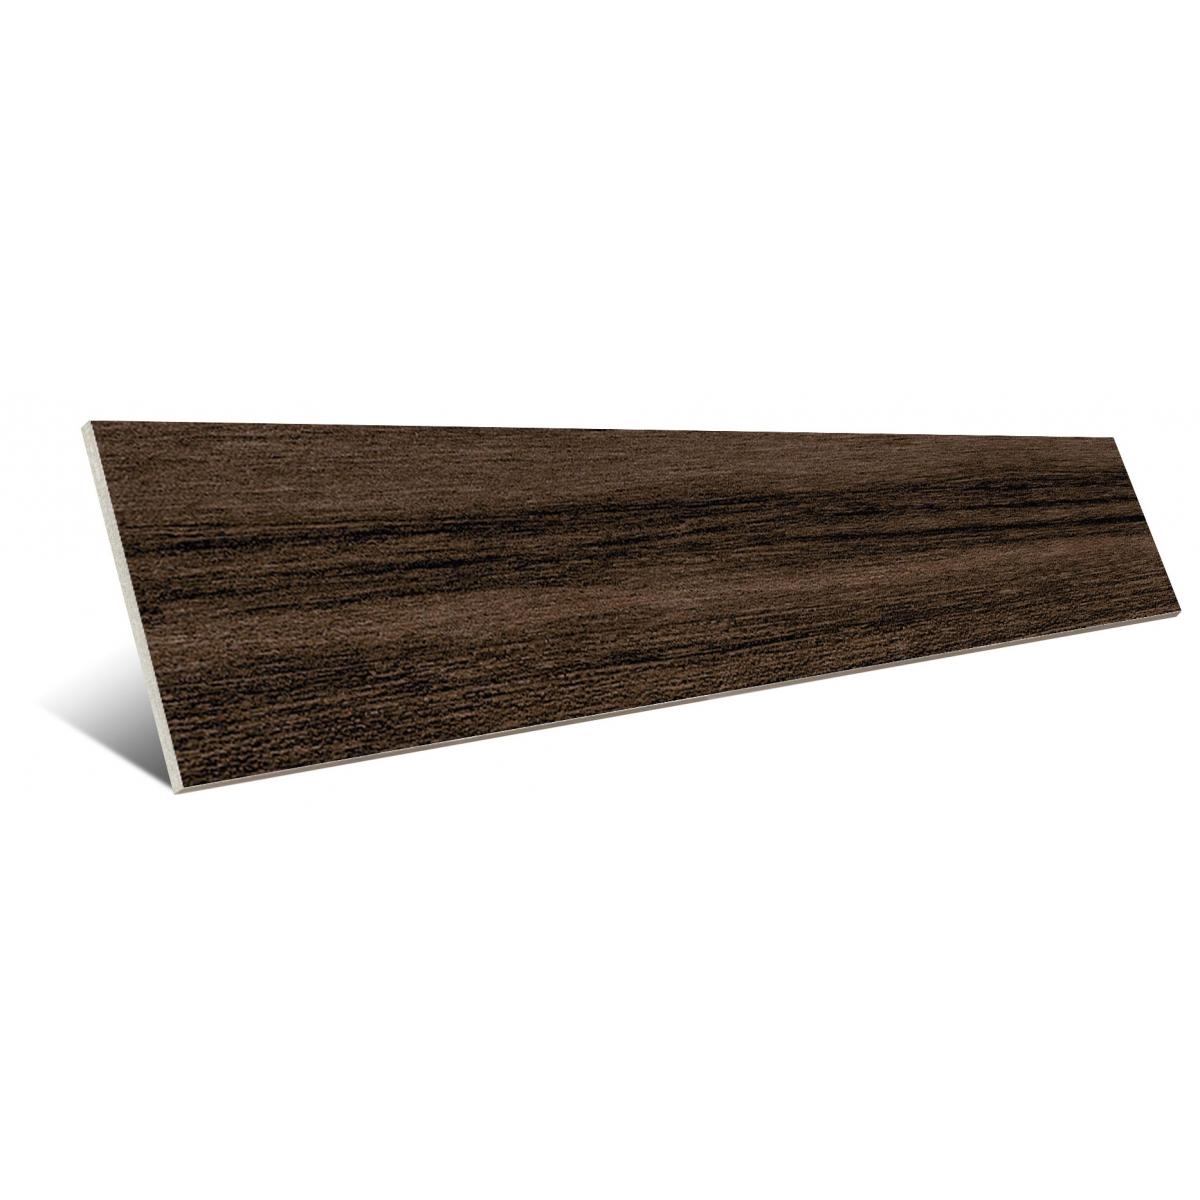 Belice Carbón 26x180 (caja 0,94 m2) Vives